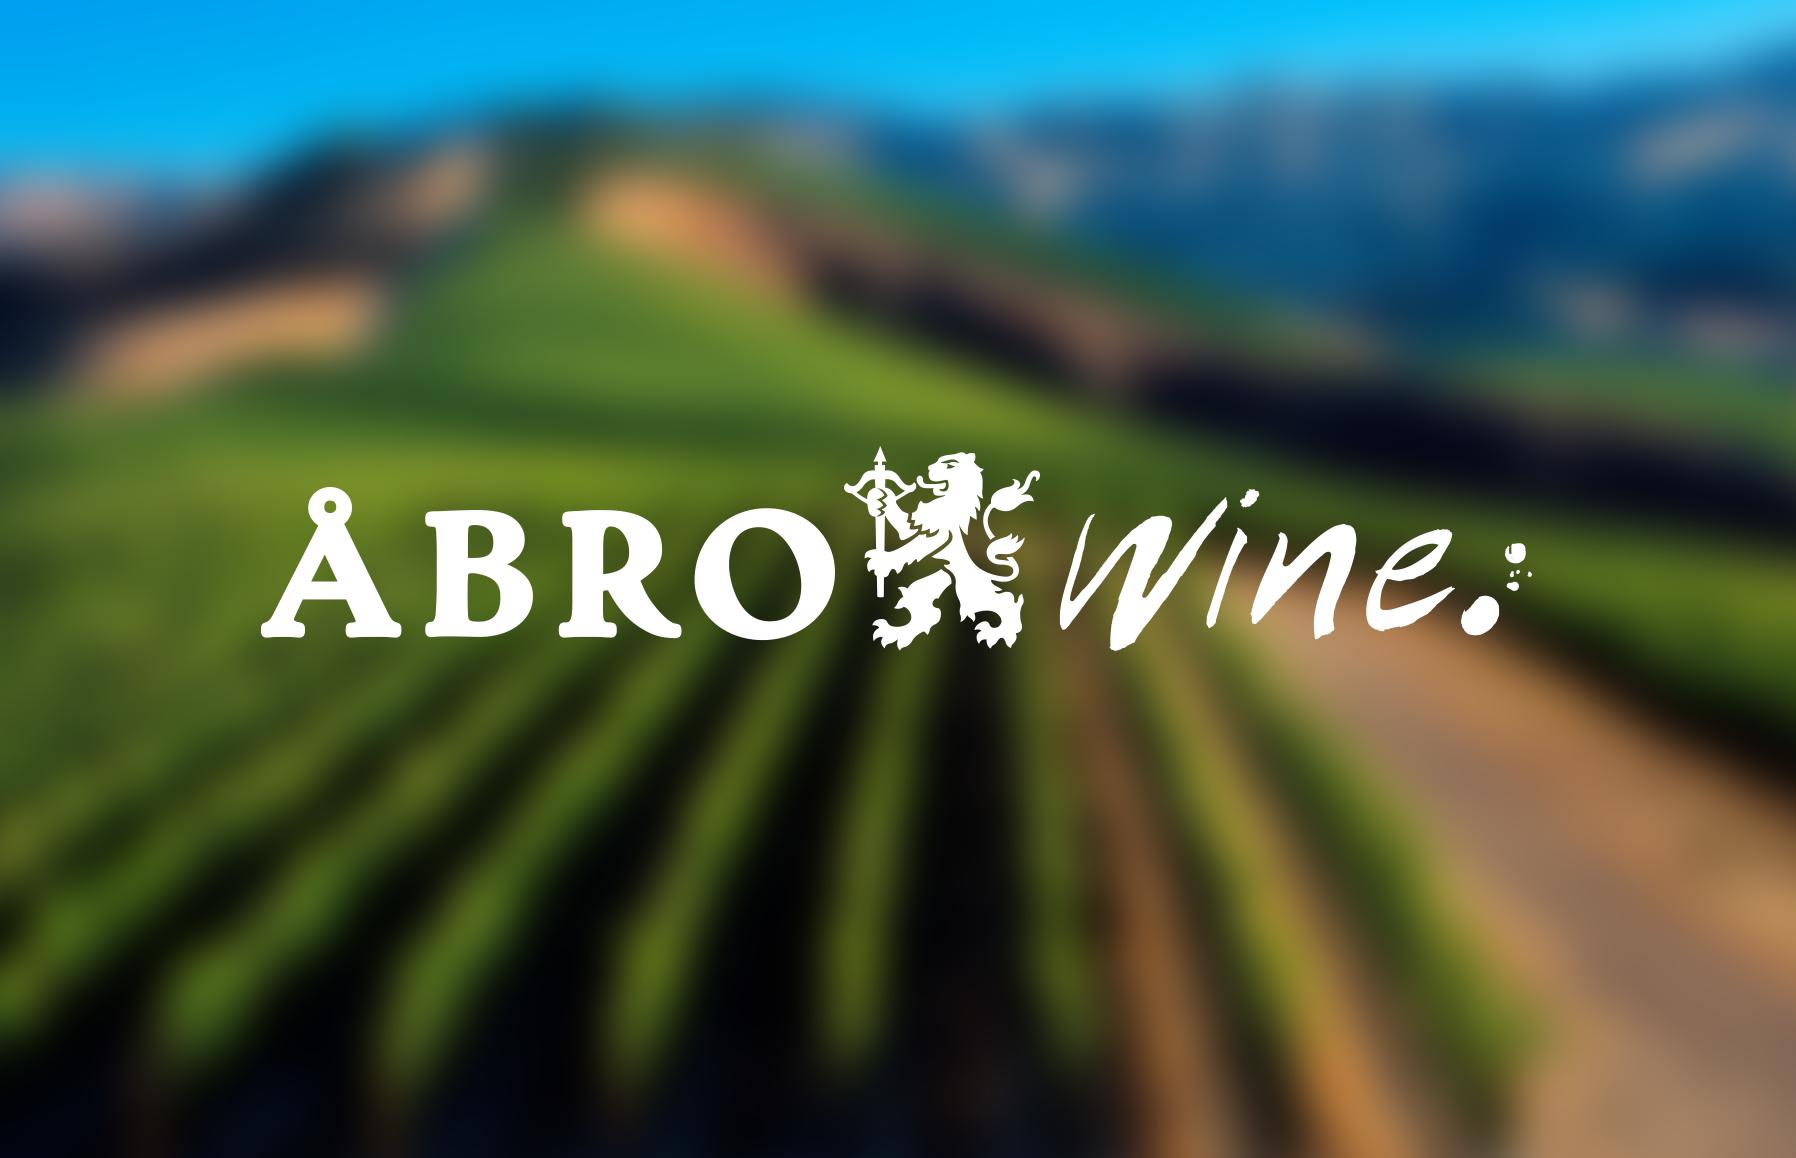 Åbro Wine